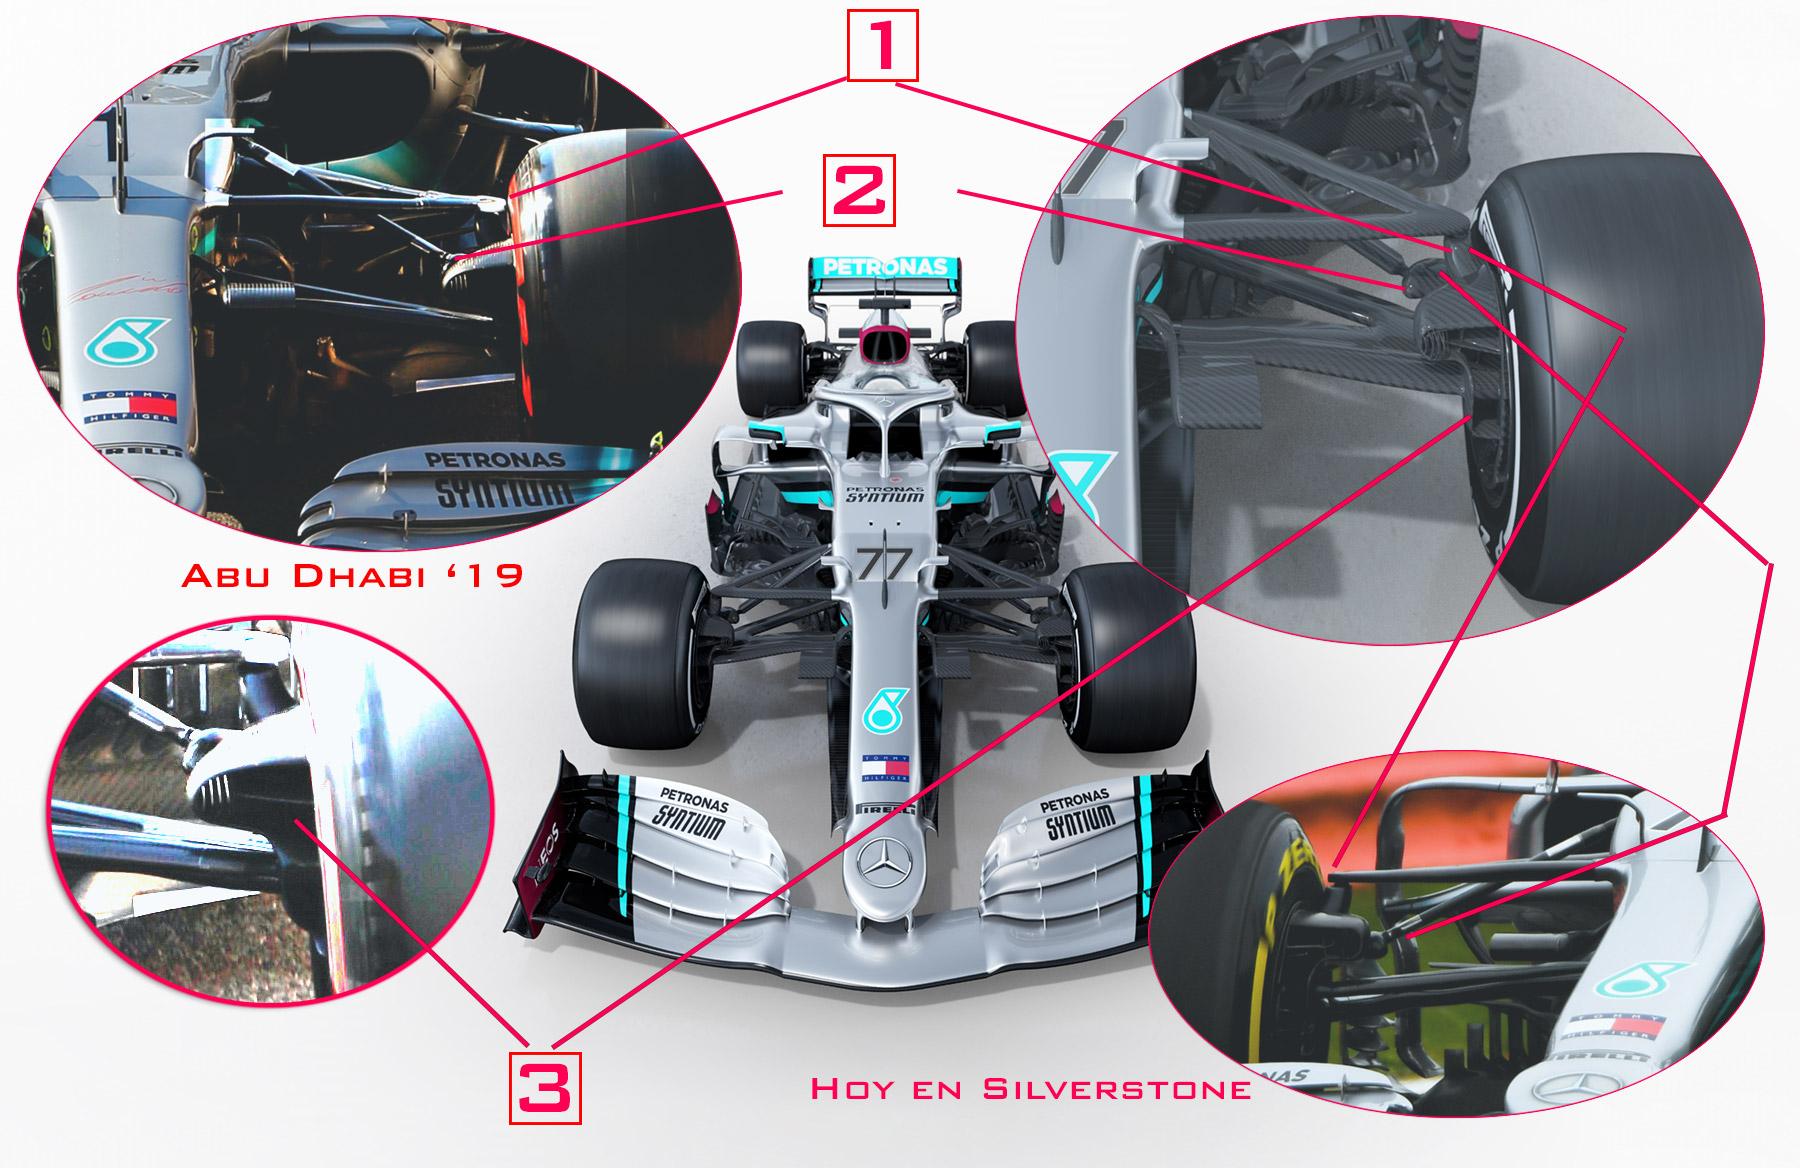 mercedes-frontal-2-soymotor.jpg